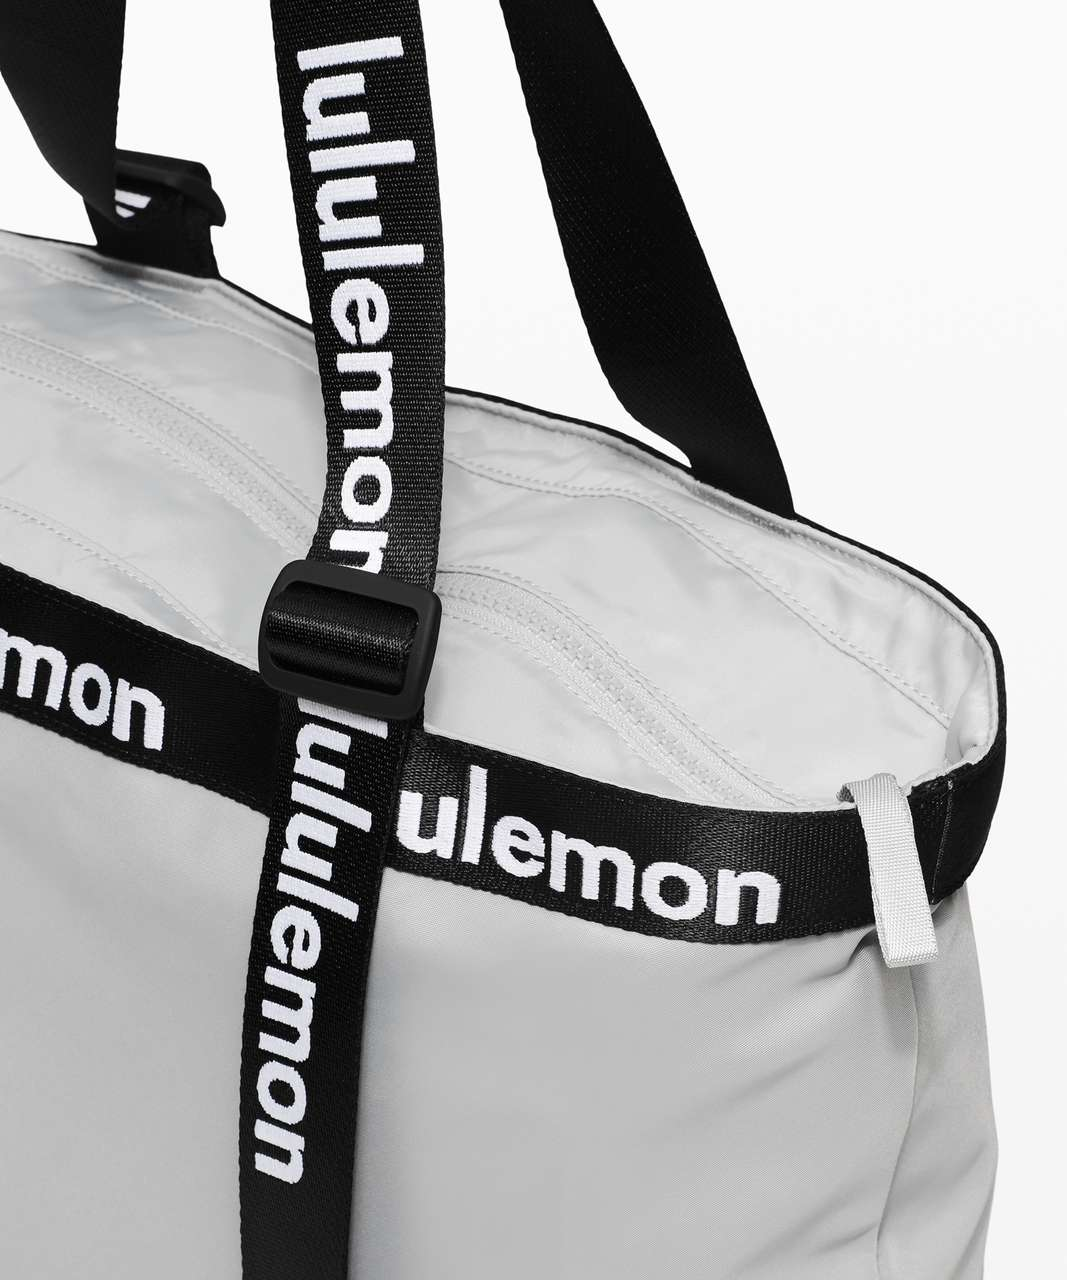 Lululemon The Rest is Written Tote - Silver Drop